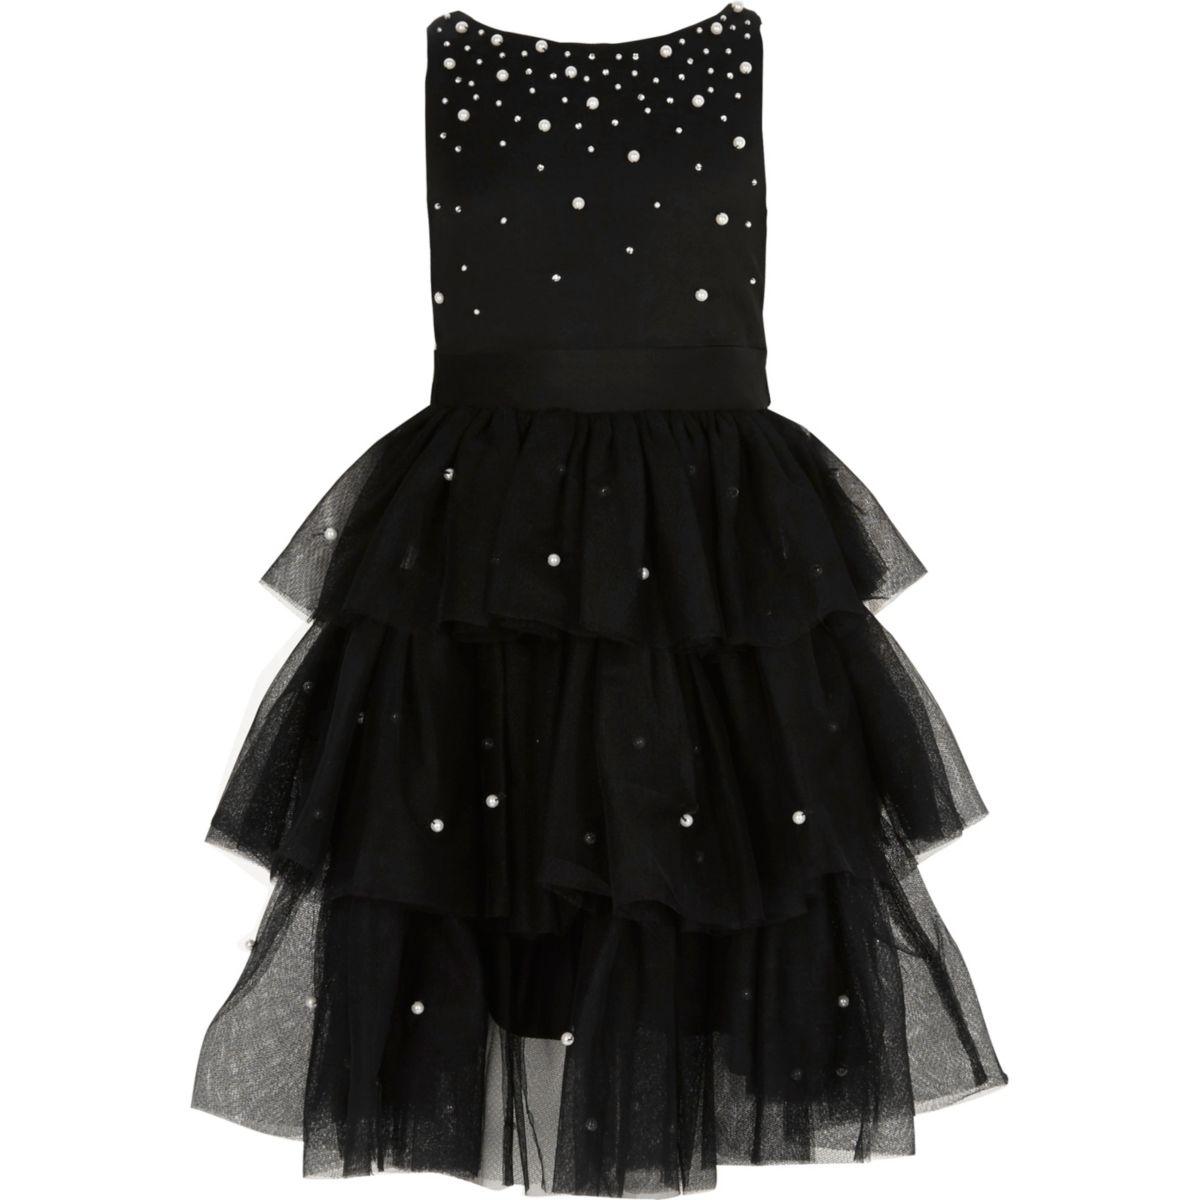 Schwarzes Kleid mit Tüllrock und Perlenverzierung